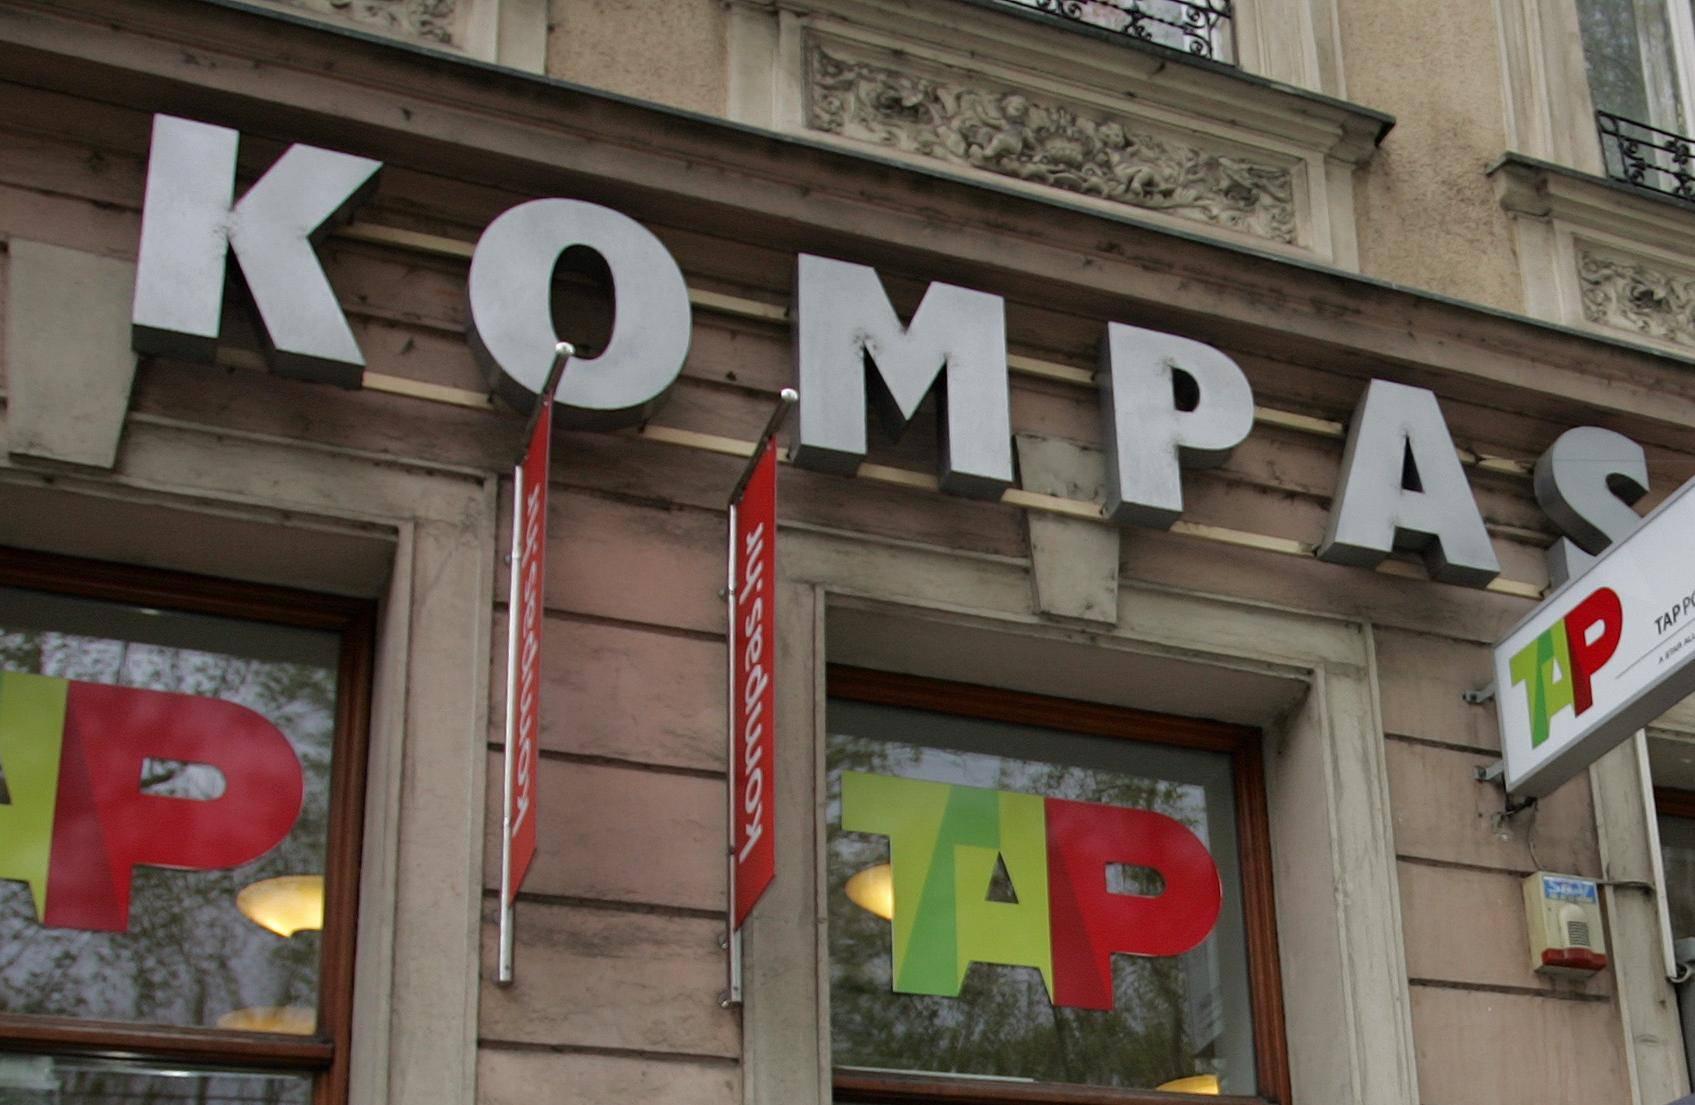 'Kompas' u kolapsu: Otkazuju putovanja, zatvorili poslovnice